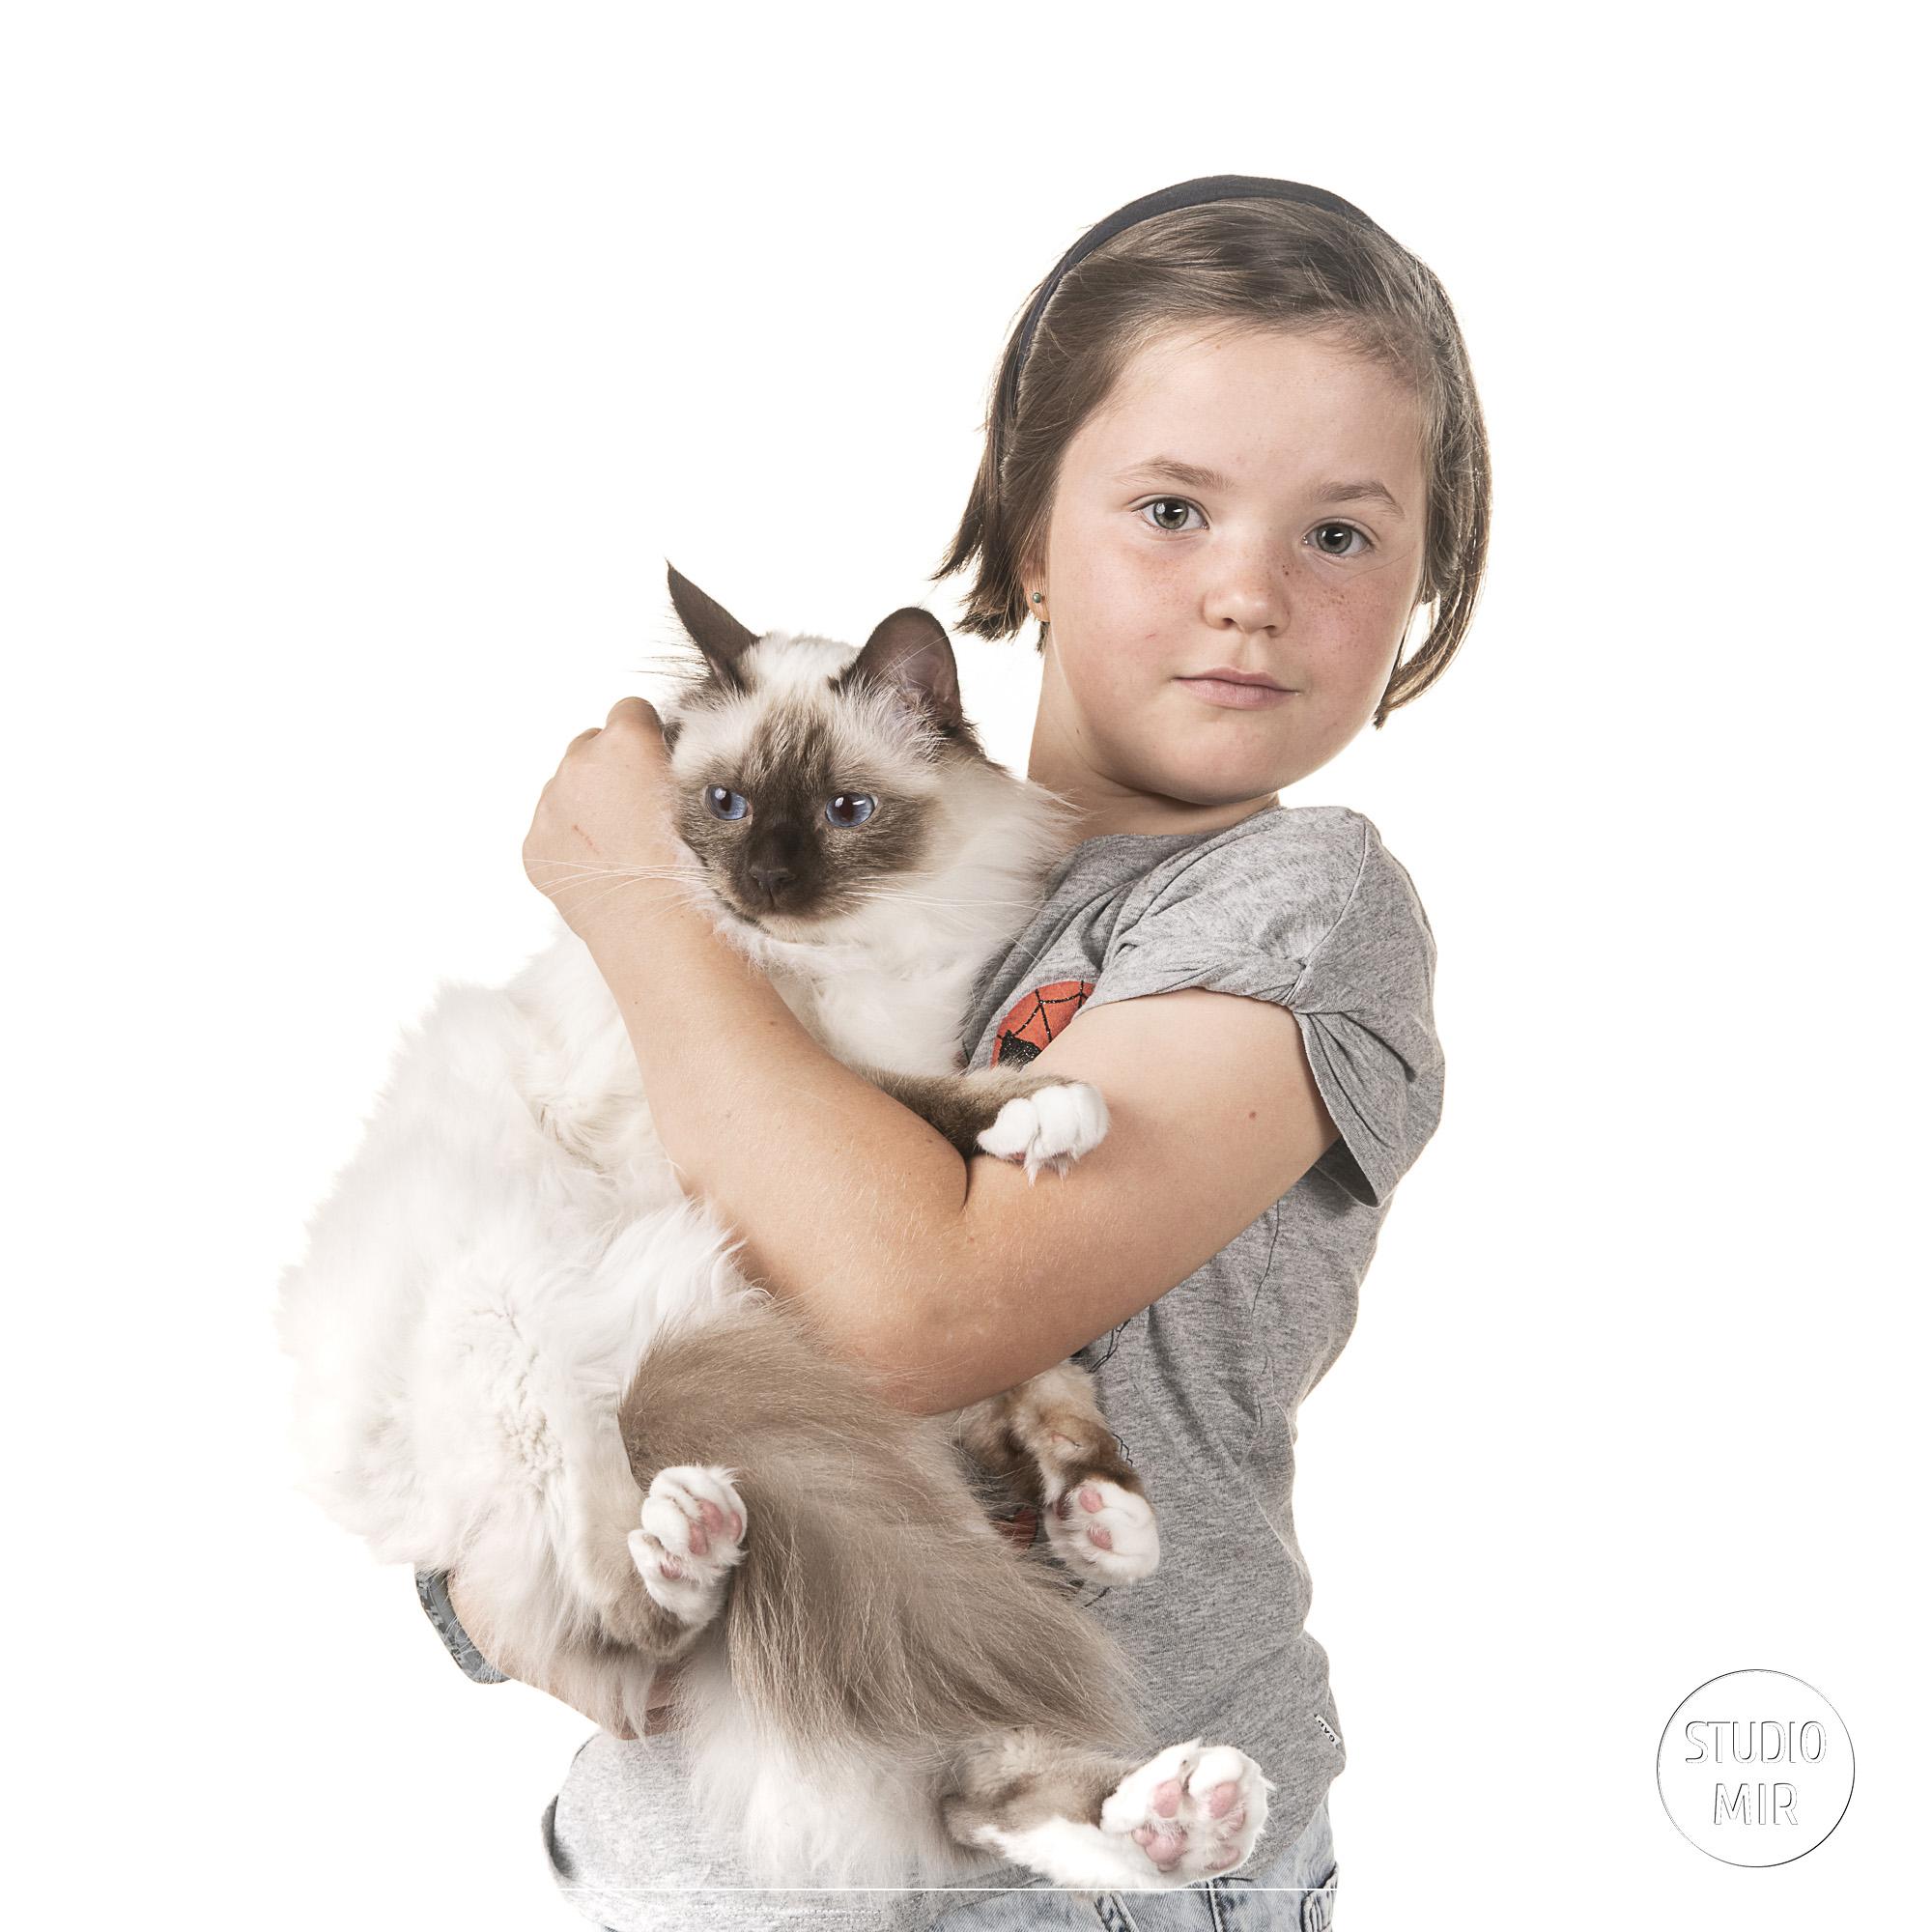 Idée cadeau de noël originale : une séance photo en famille avec animal de compagnie en région parisienne